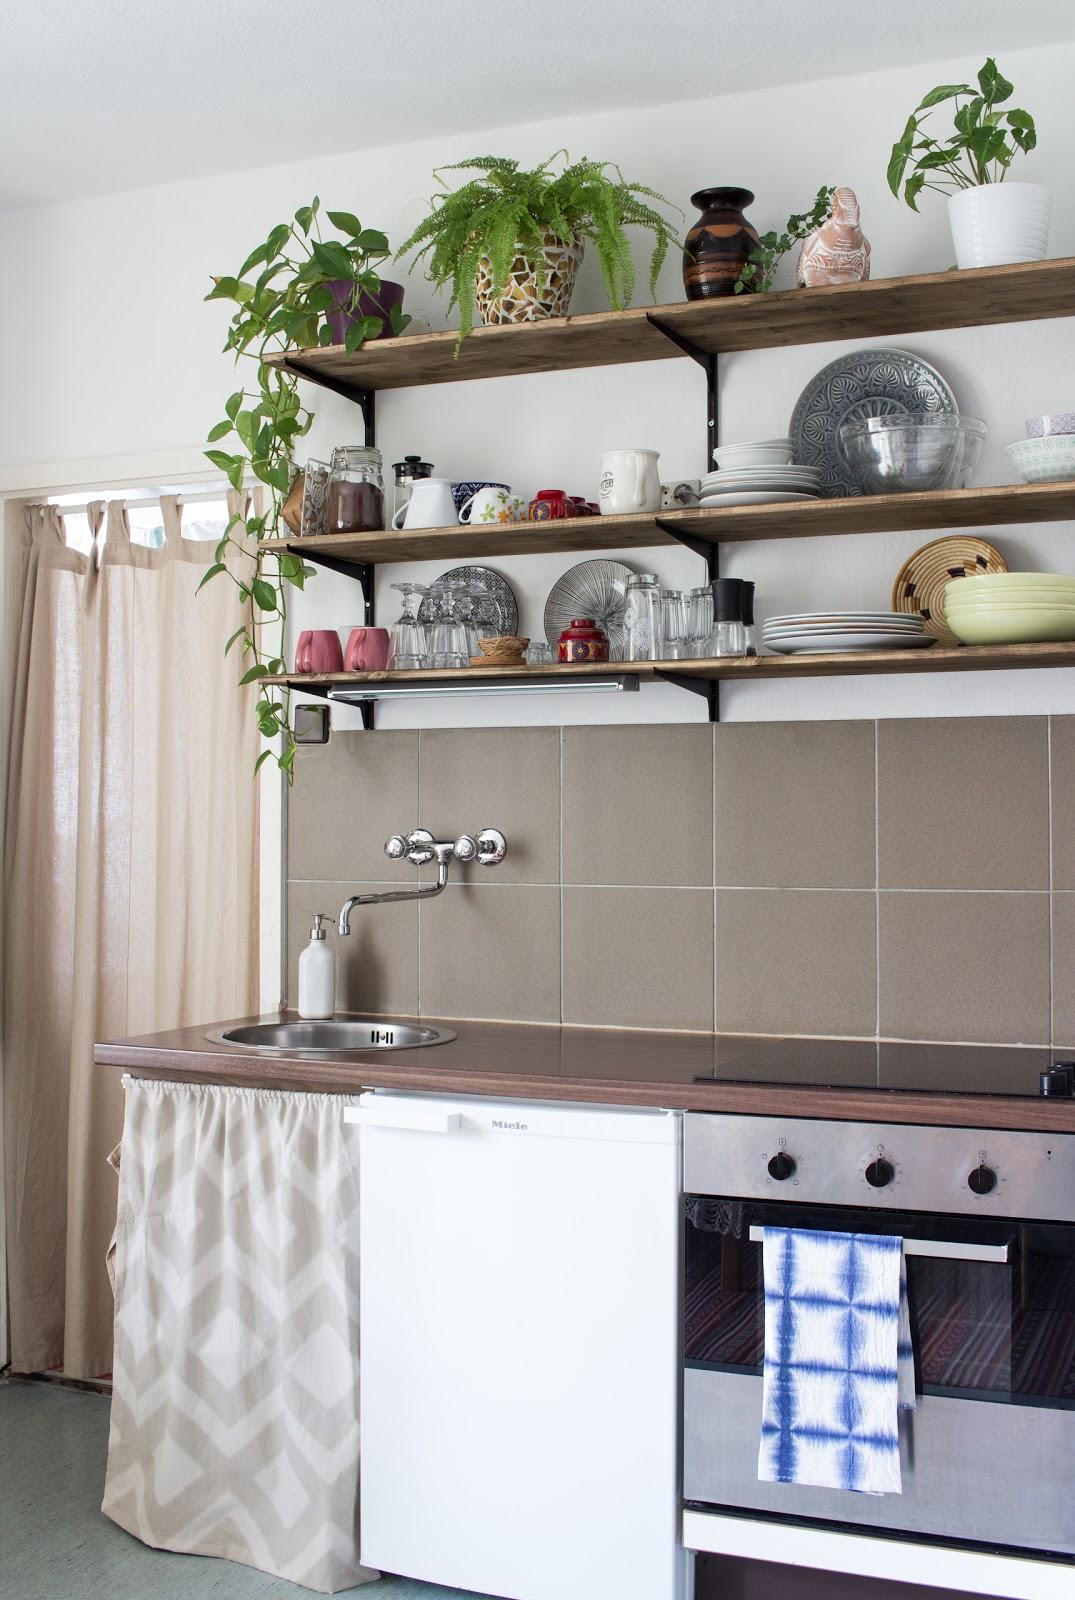 Full Size of Wanddeko Küche Modern Granitplatten Moderne Landhausküche Buche Magnettafel Komplettküche Tapete Ohne Geräte Wandpaneel Glas Wasserhähne Pino Wohnzimmer Wanddeko Küche Modern